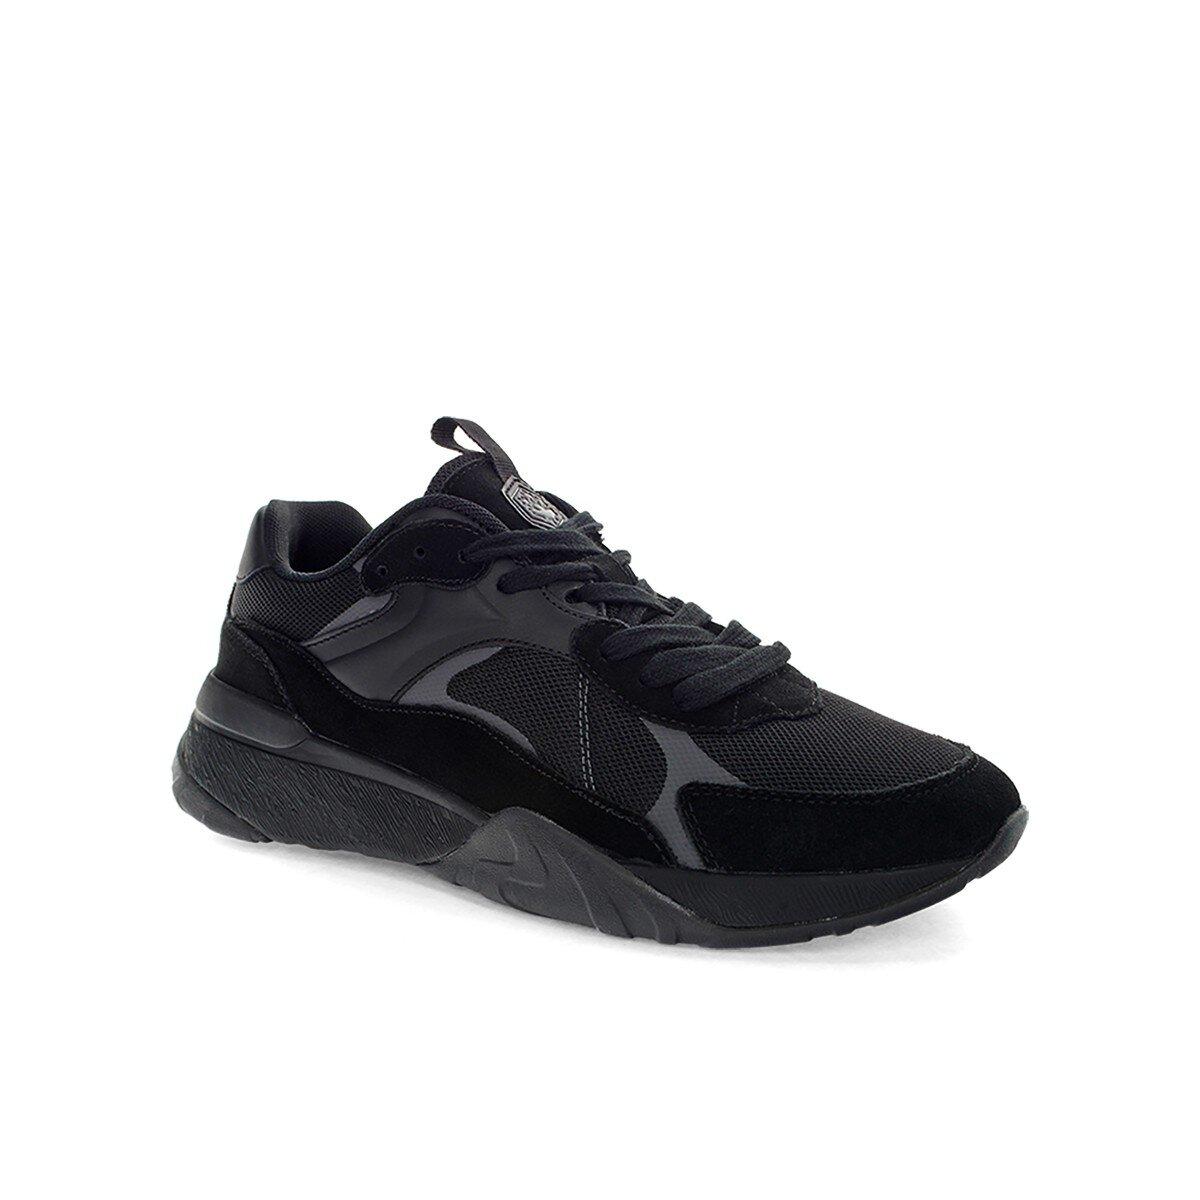 MIAMI Sneakers Uomo